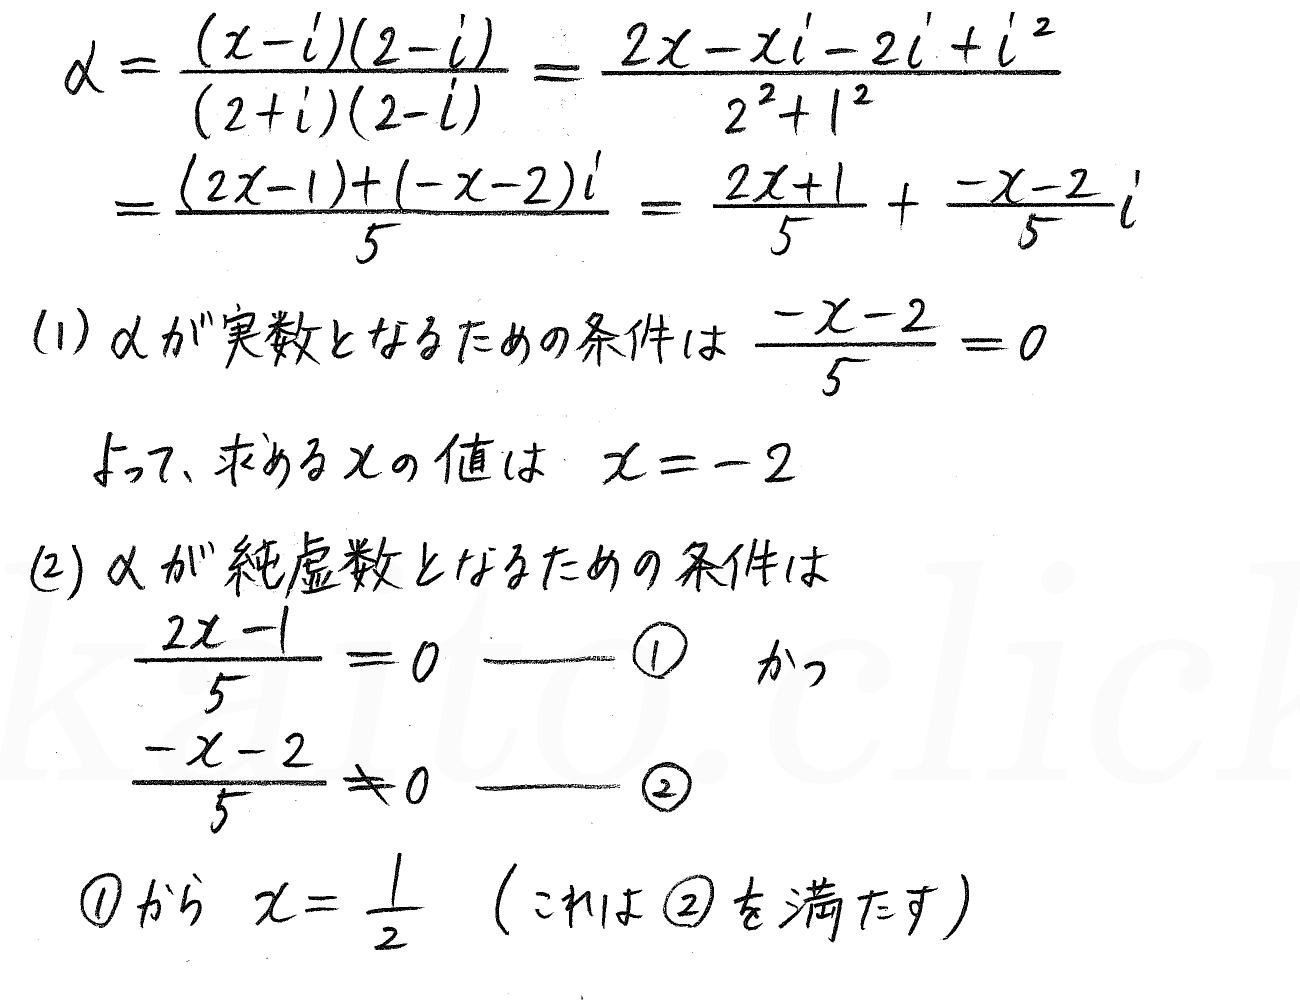 クリアー数学2-86解答